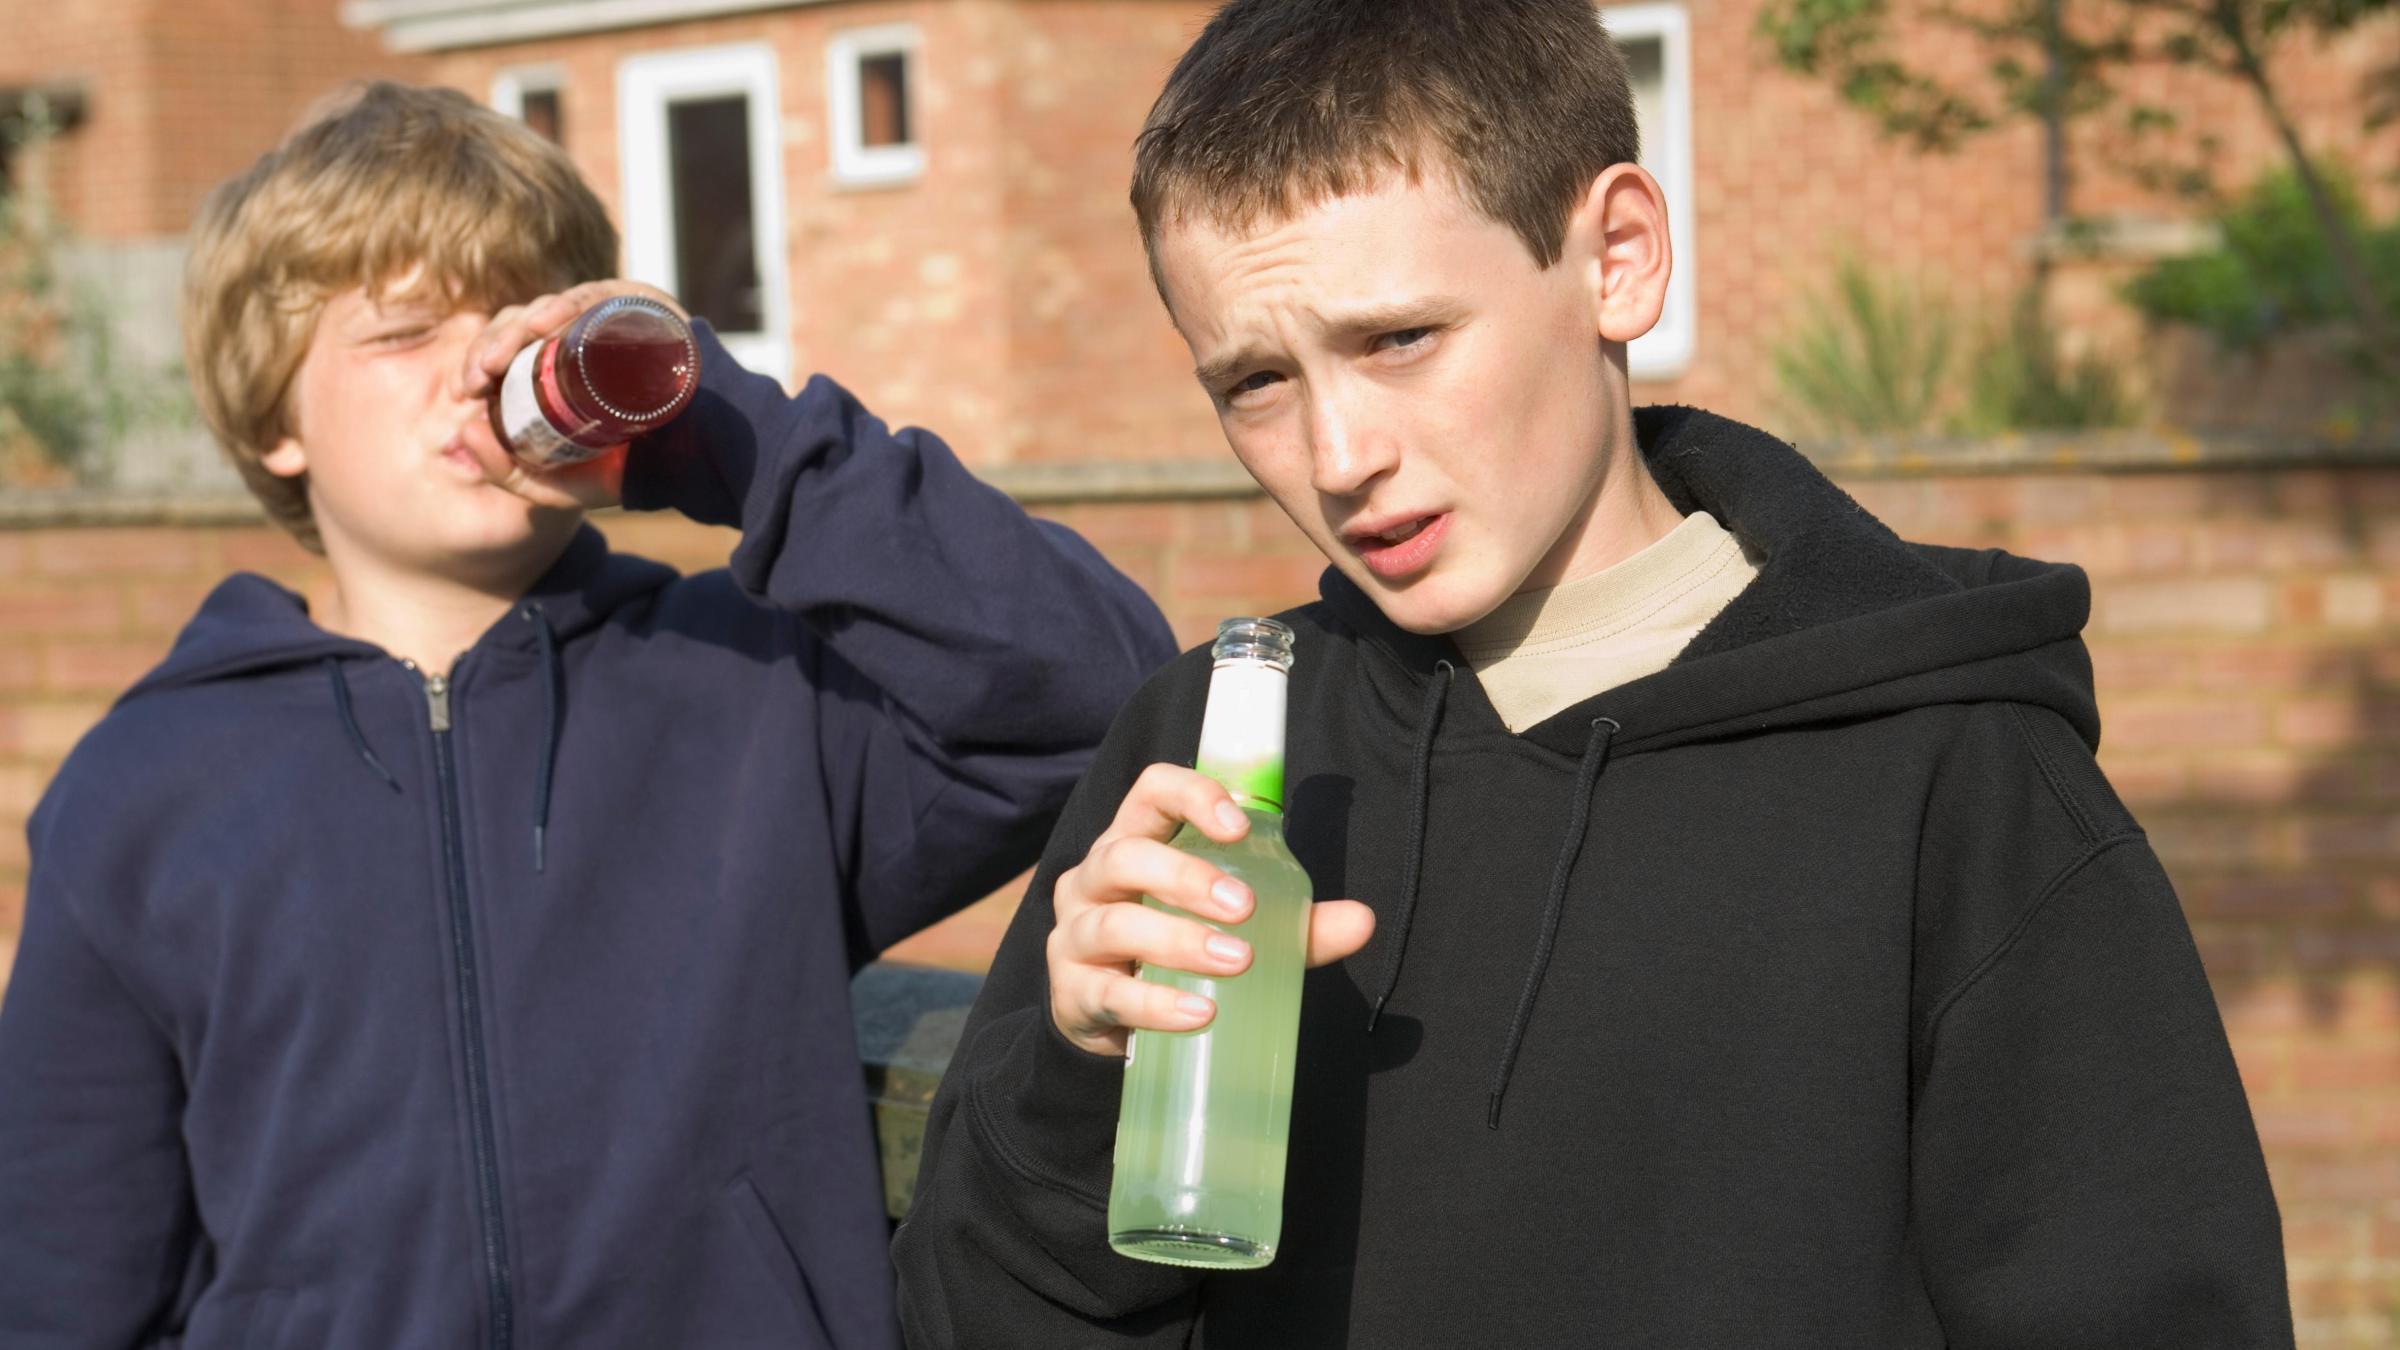 Вред алкоголя для молодых людей сильно недооценивают